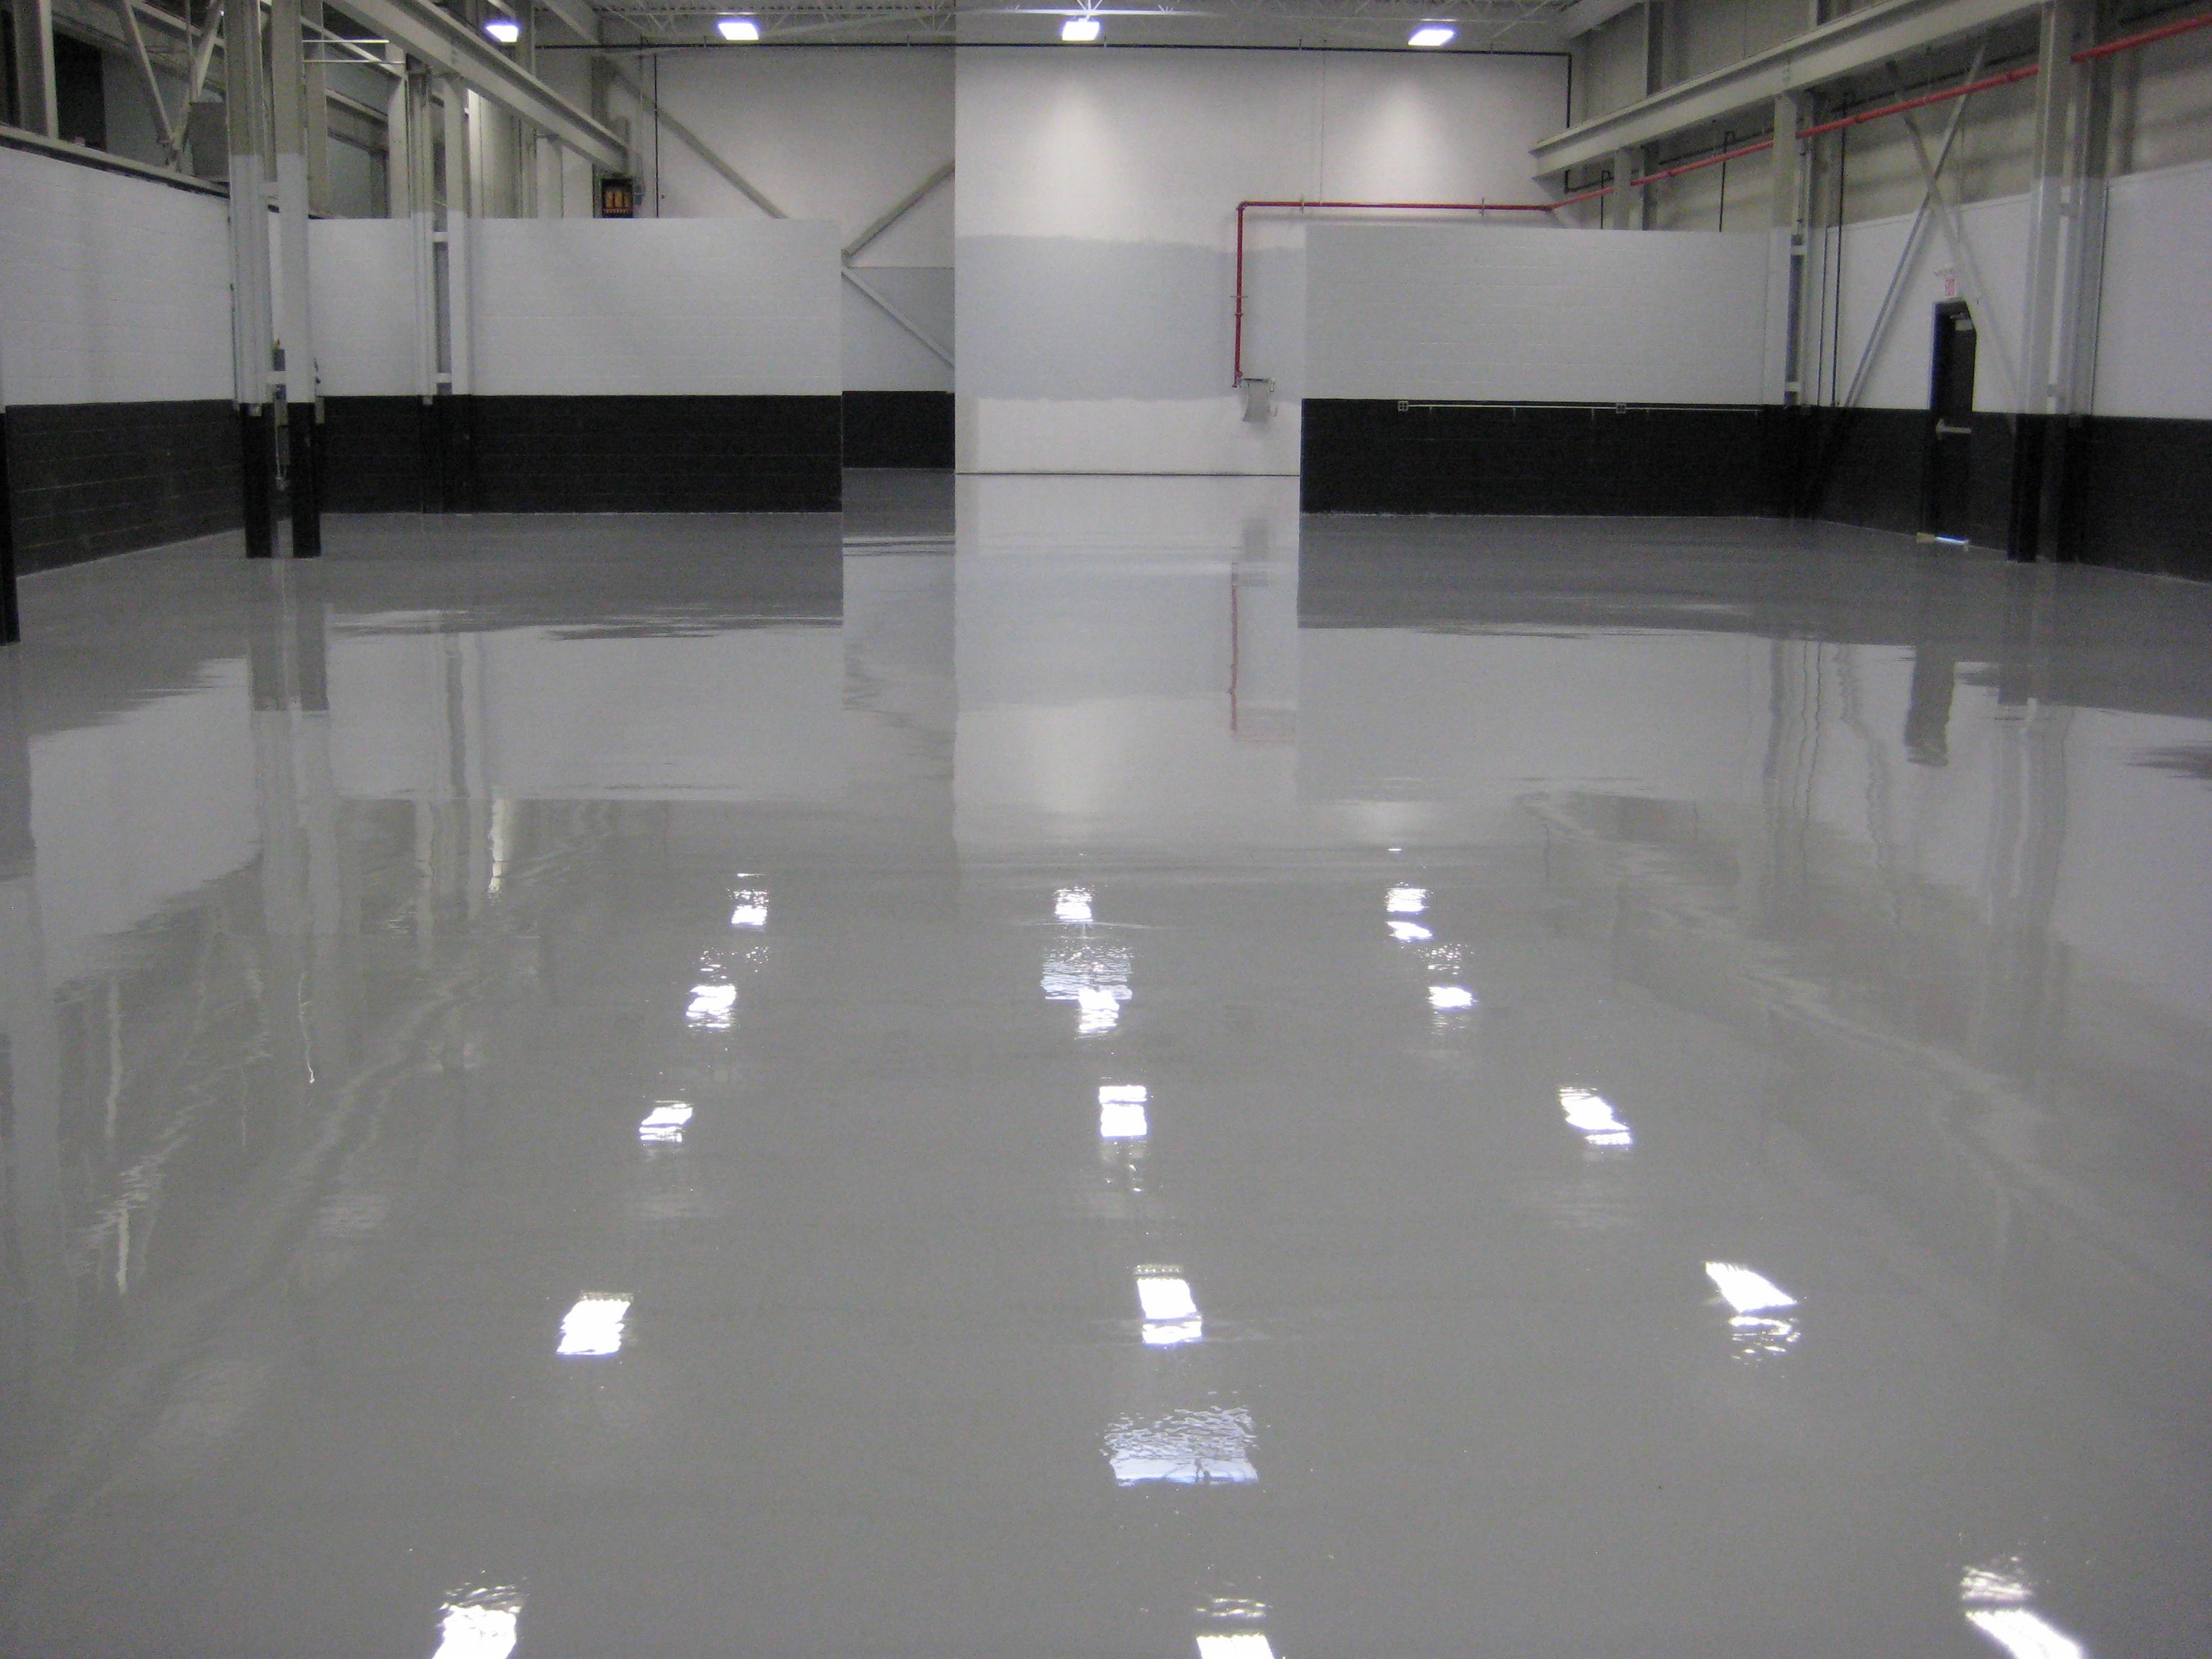 Como ter um piso perfeito retaprene poliuretanos - Pinturas epoxi para suelos ...